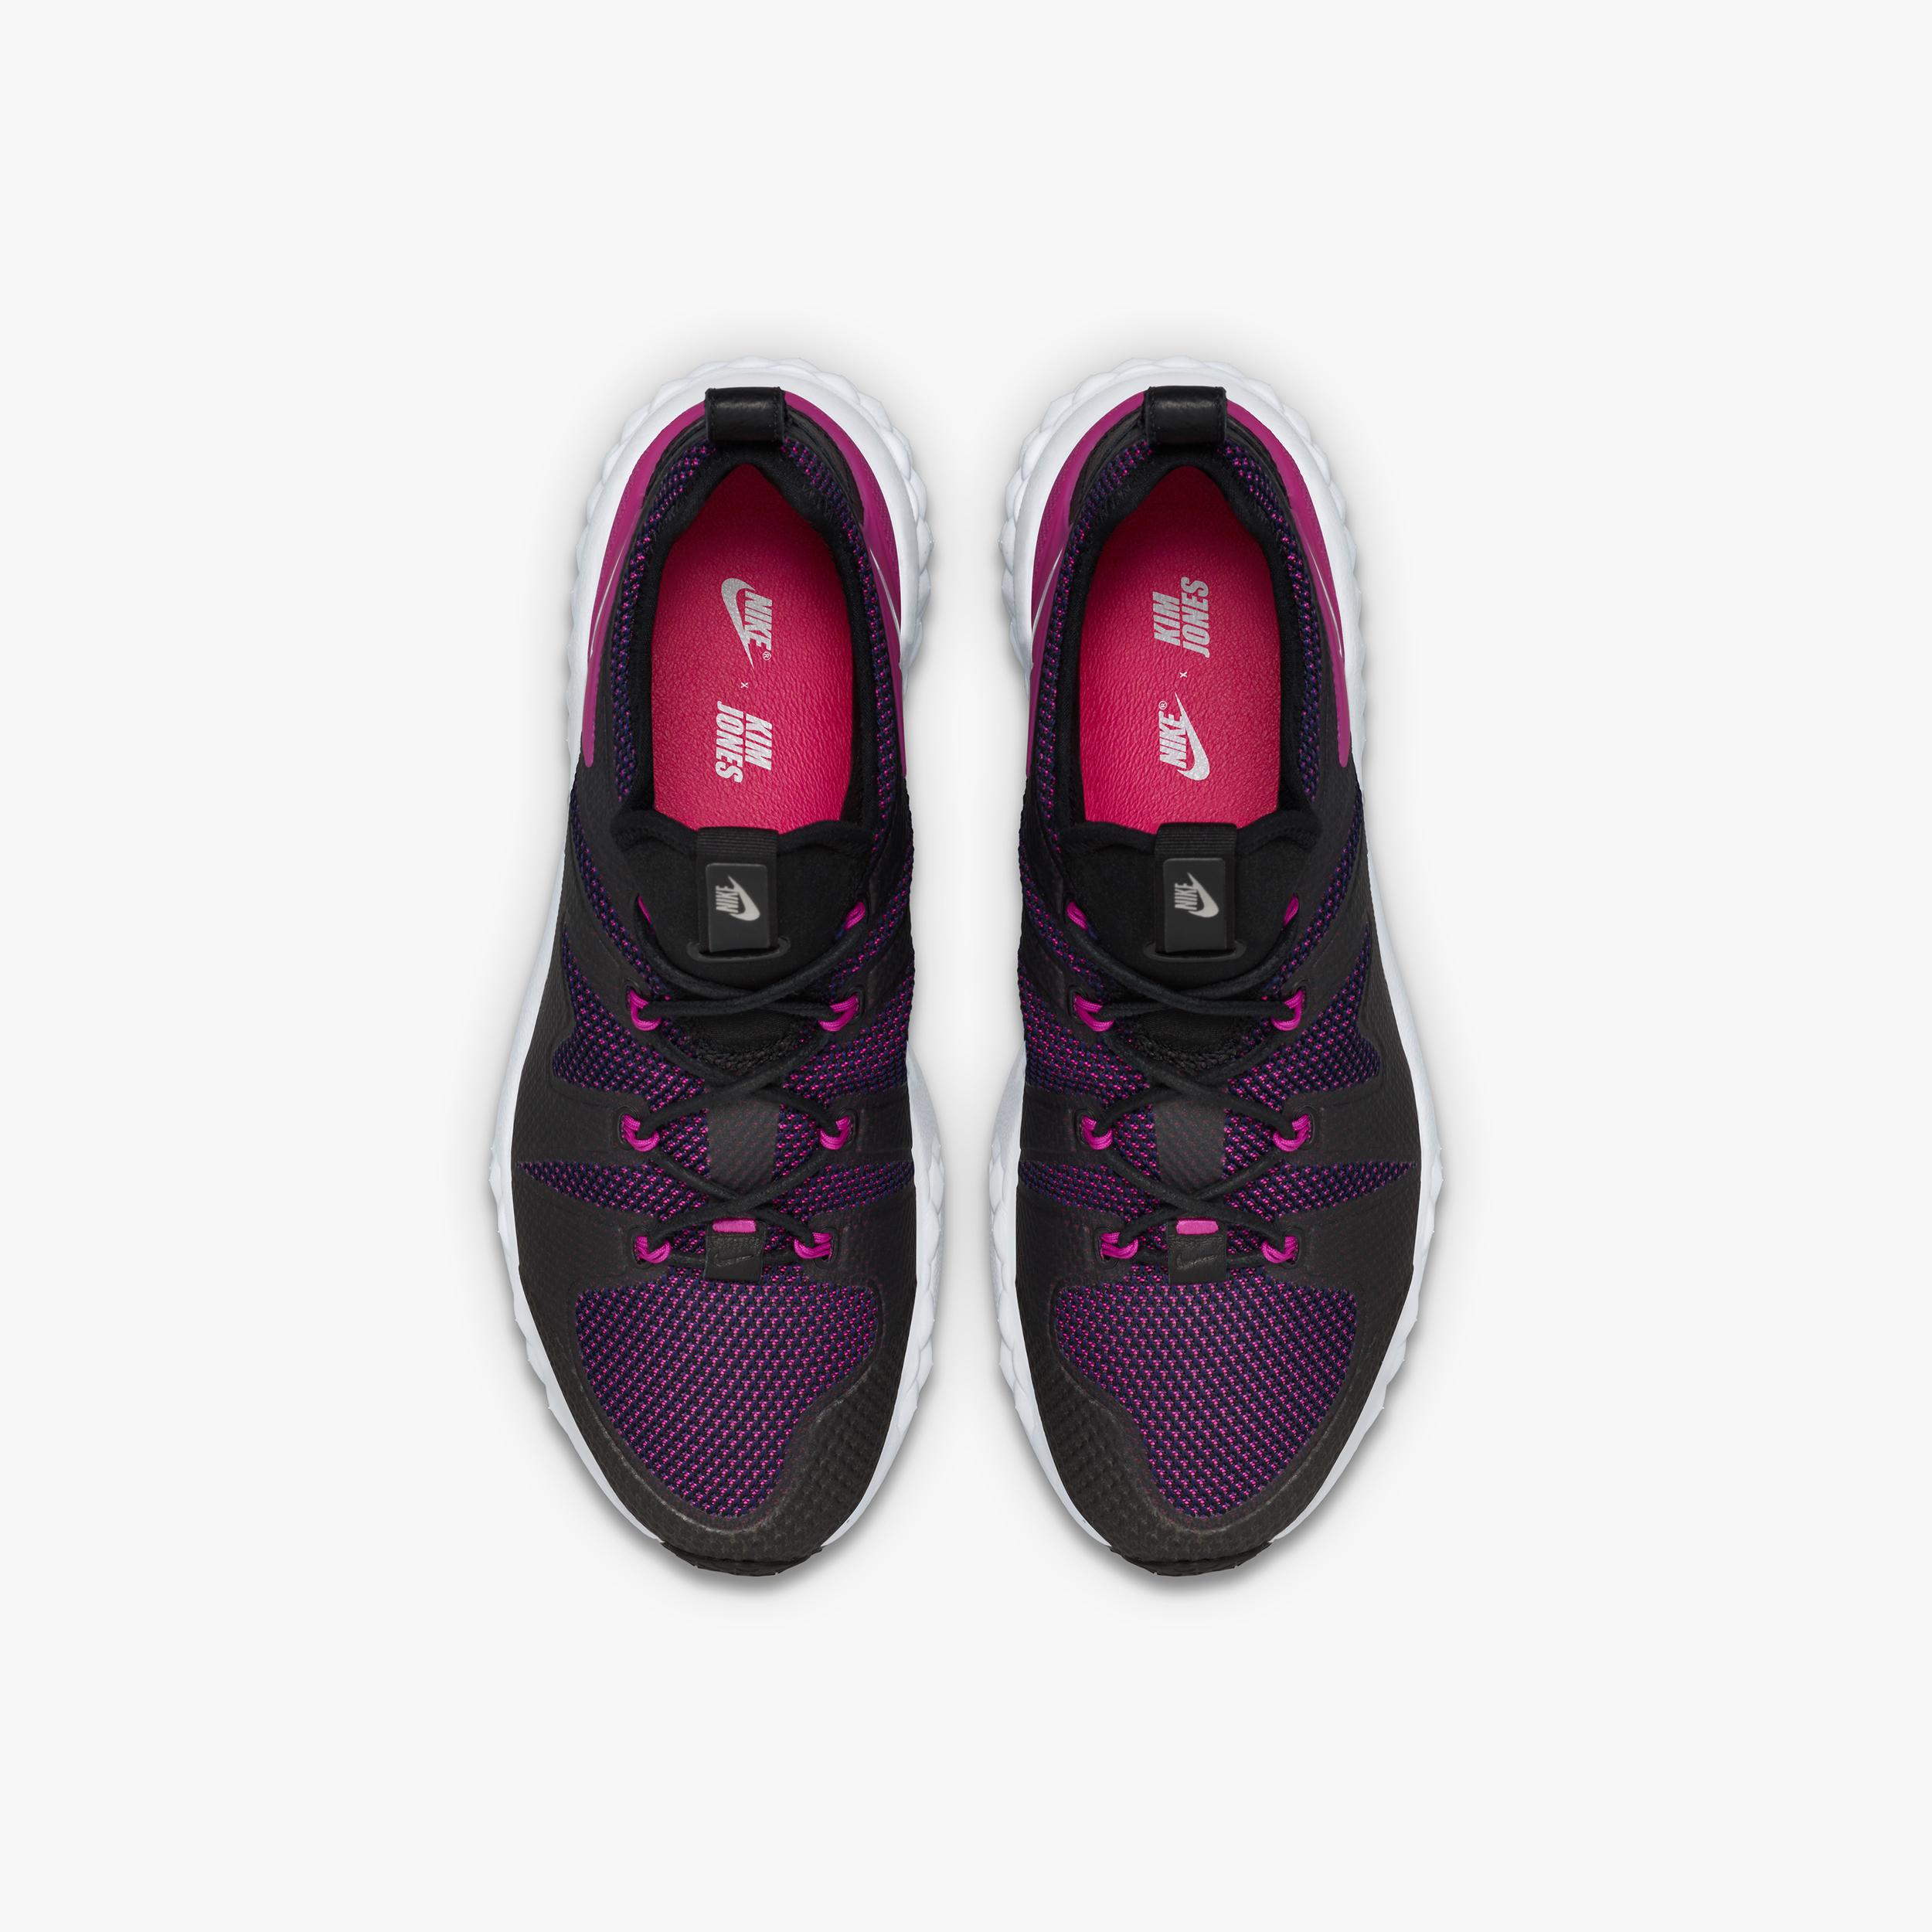 NikeLab_Air_Zoom_LWP_x_KJ_7_60321.jpg